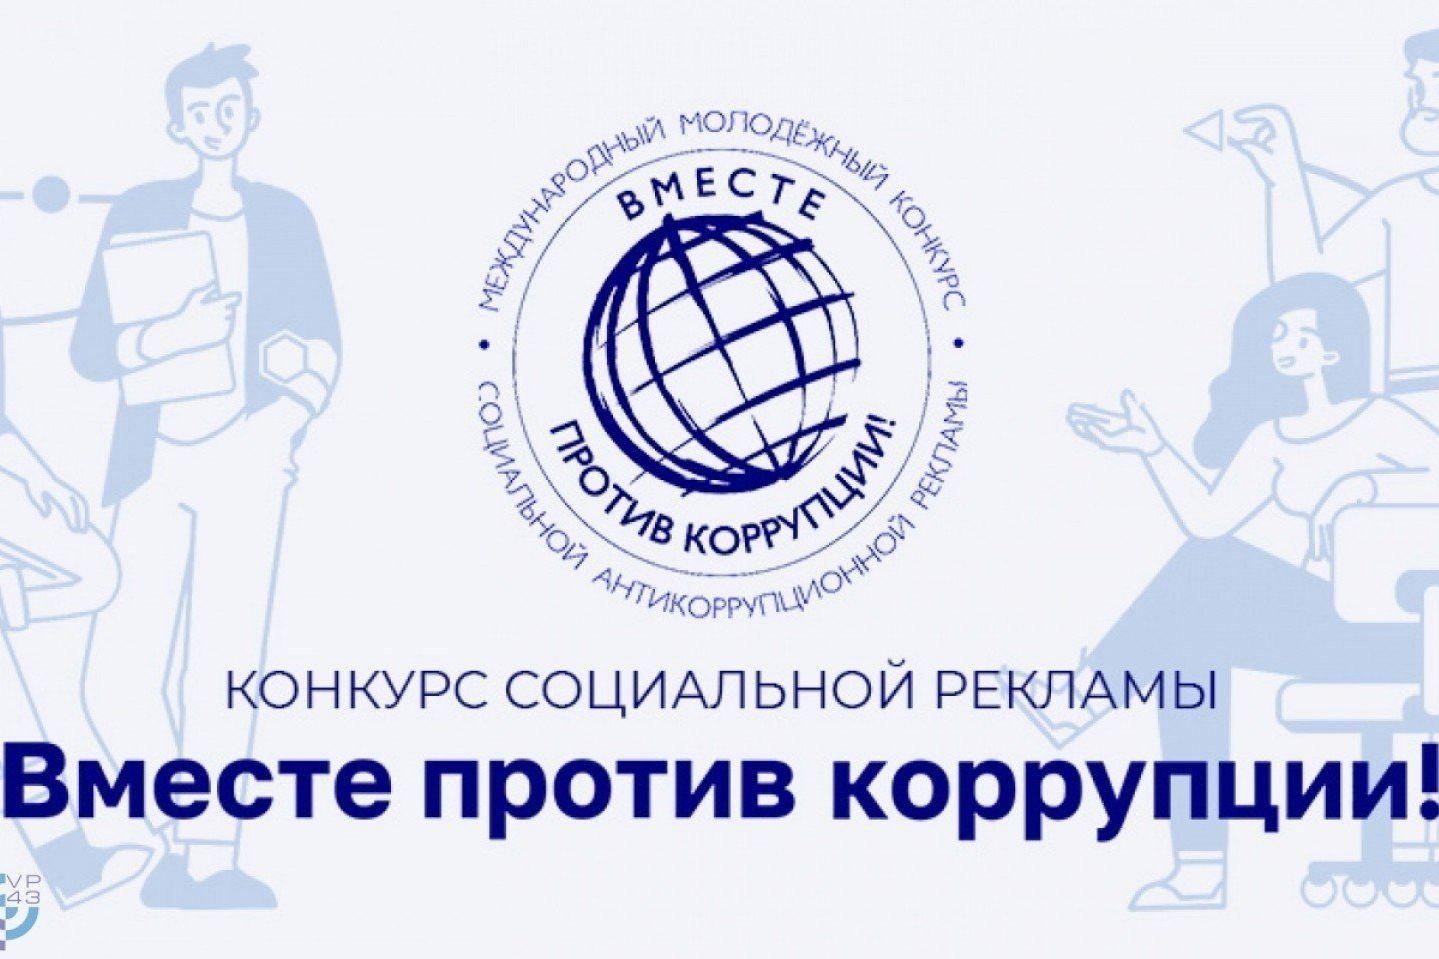 1 мая начнется прием работ для участия в конкурсе «Вместе против коррупции!»